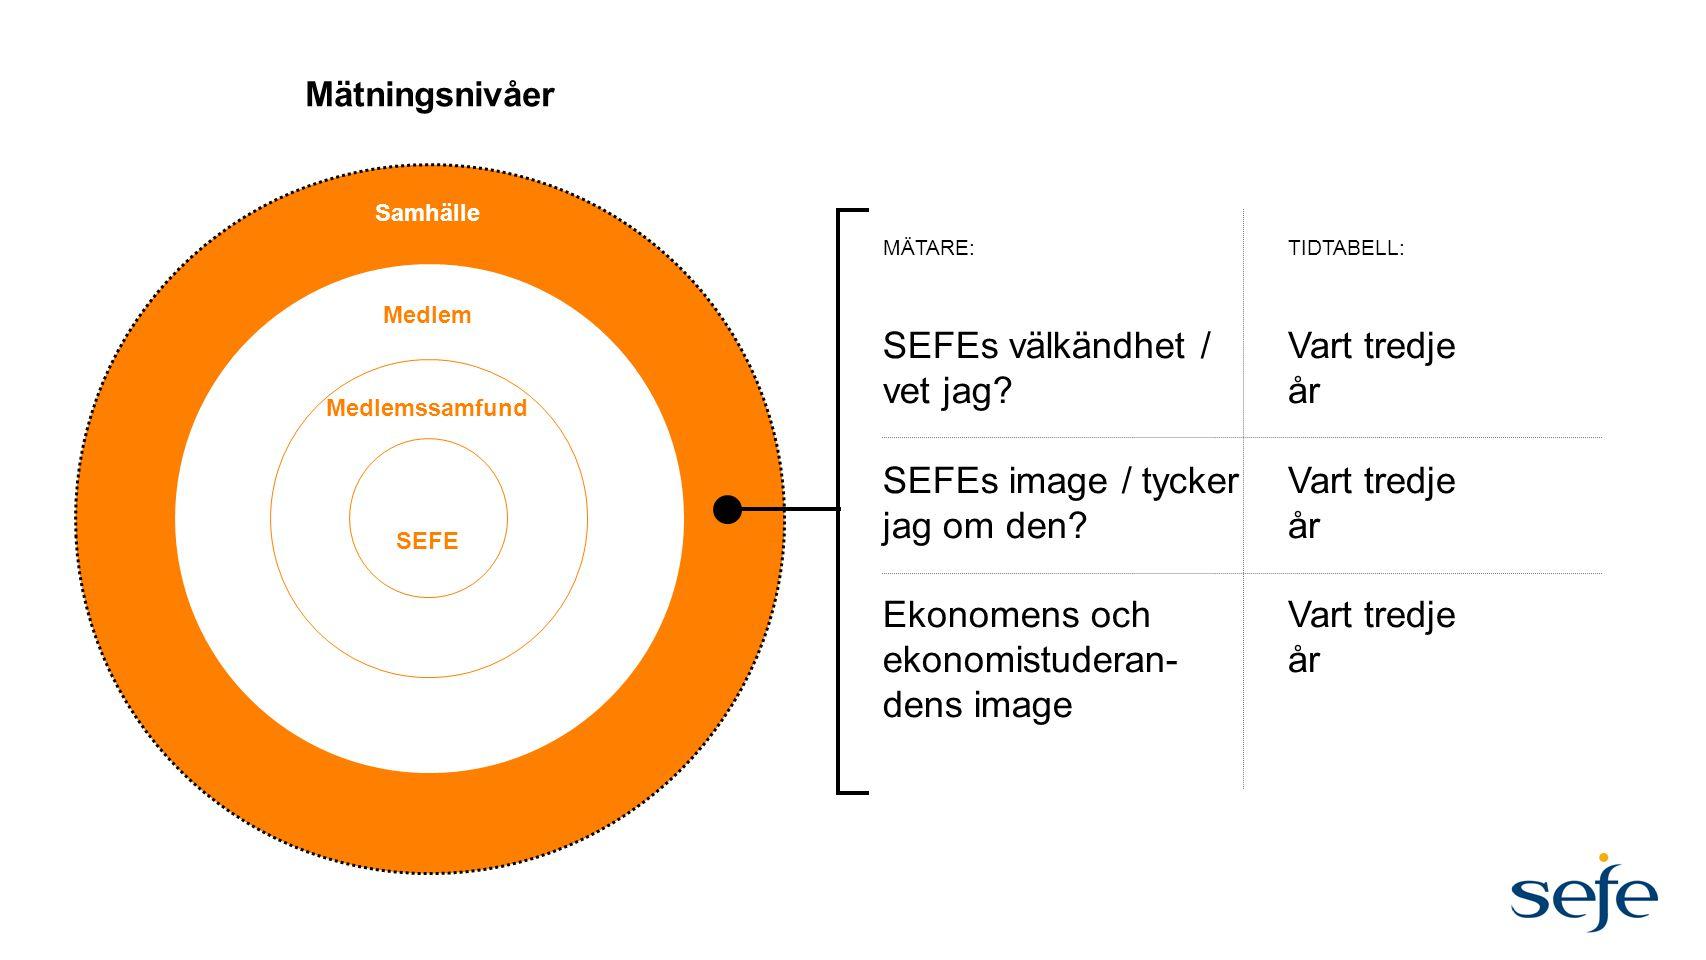 Mätningsnivåer SEFE Medlem Samhälle SEFEs välkändhet / vet jag? SEFEs image / tycker jag om den? Ekonomens och ekonomistuderan- dens image Vart tredje